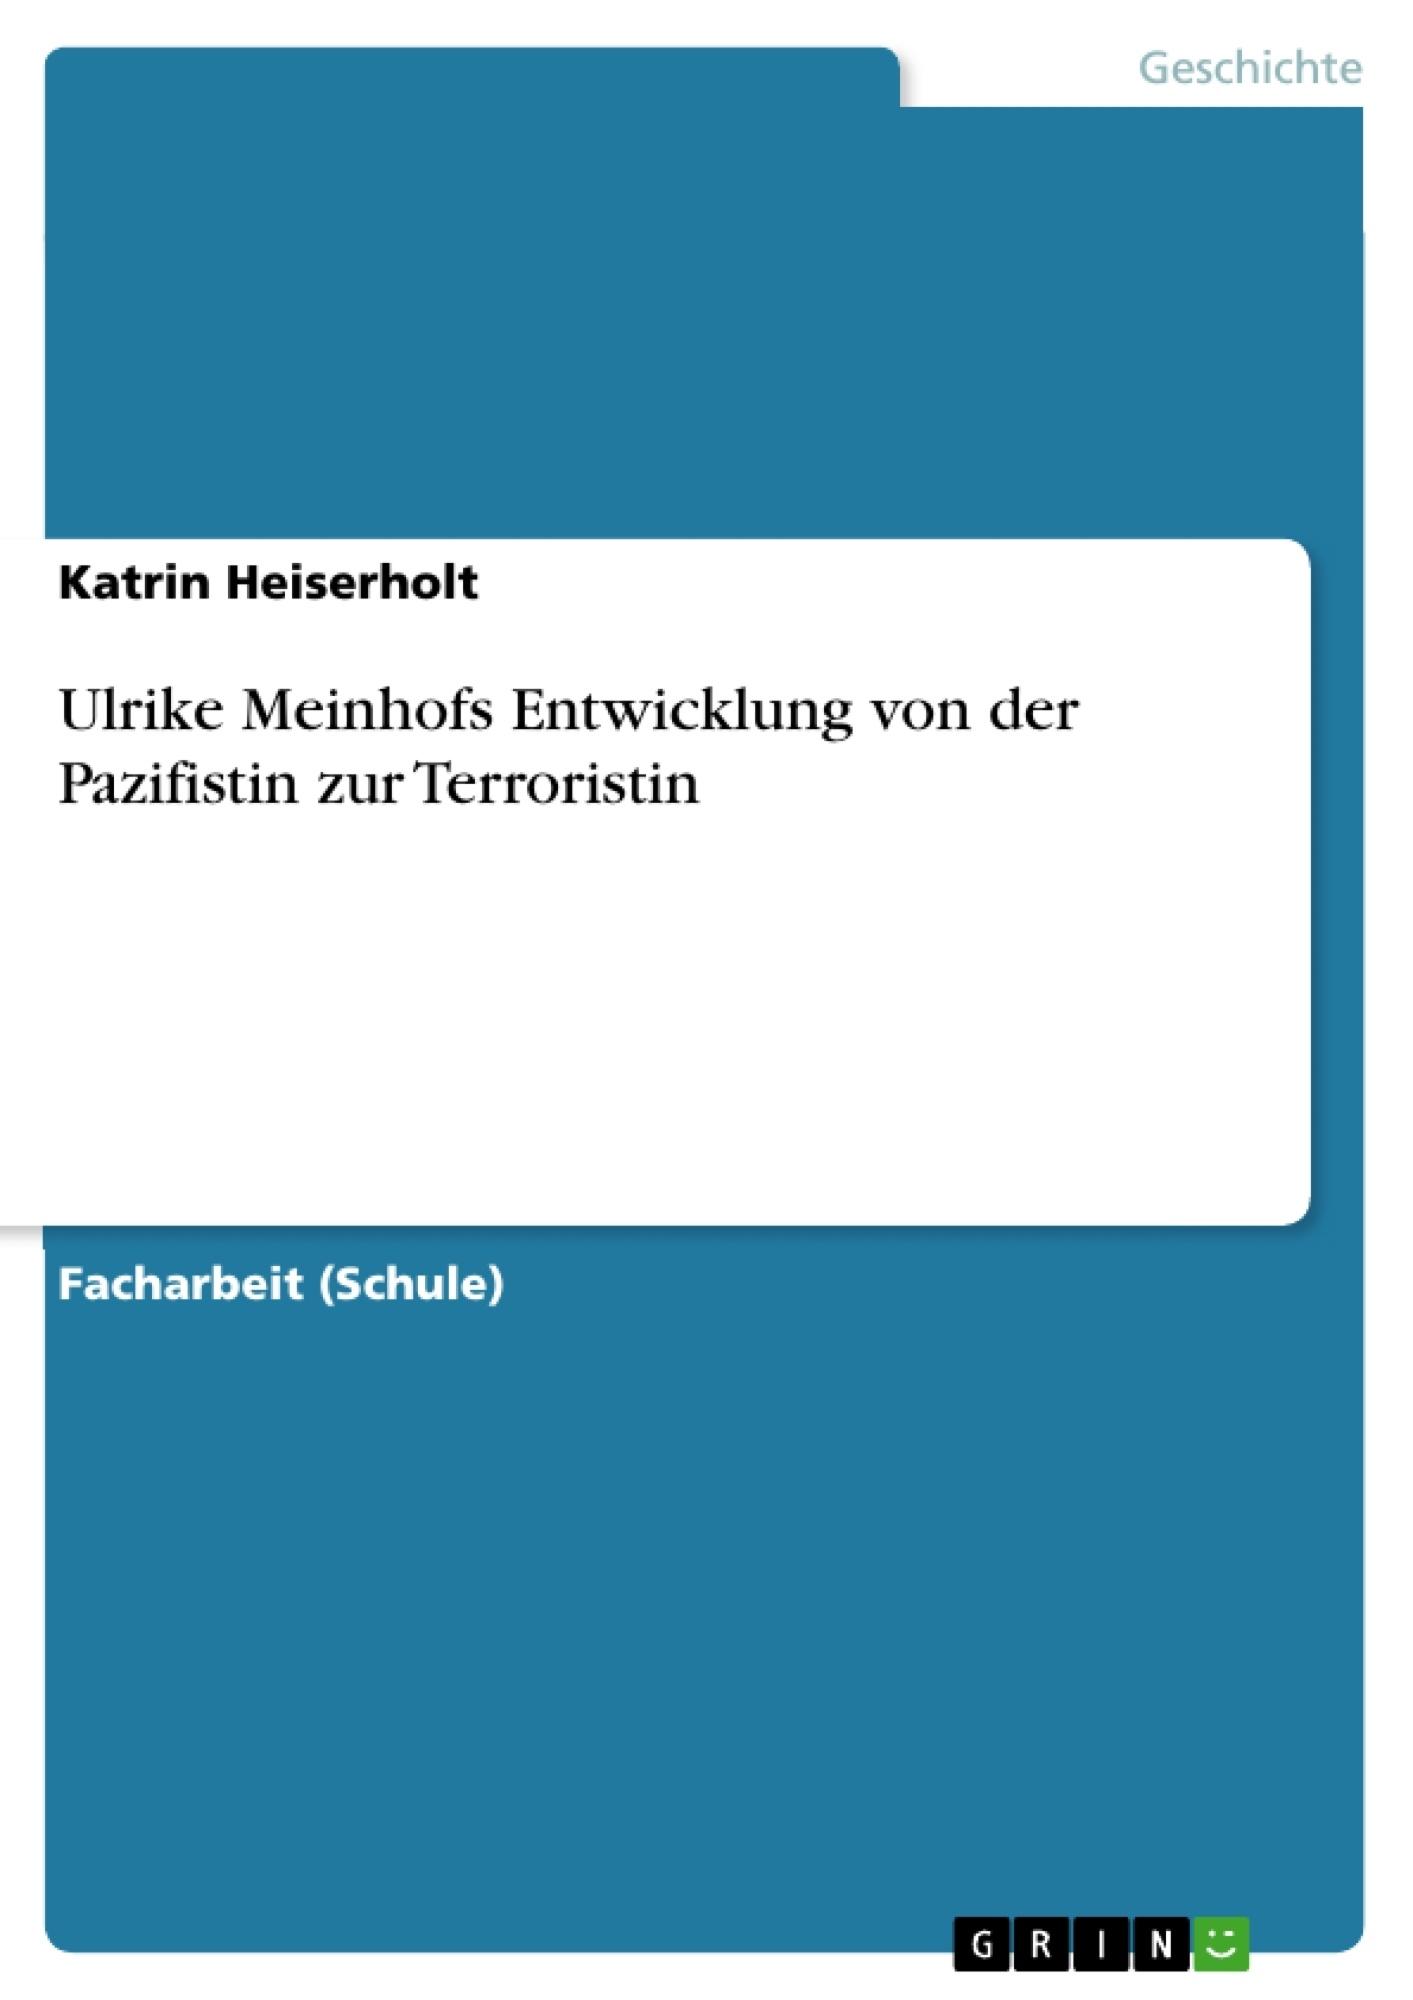 Titel: Ulrike Meinhofs Entwicklung von der Pazifistin zur Terroristin